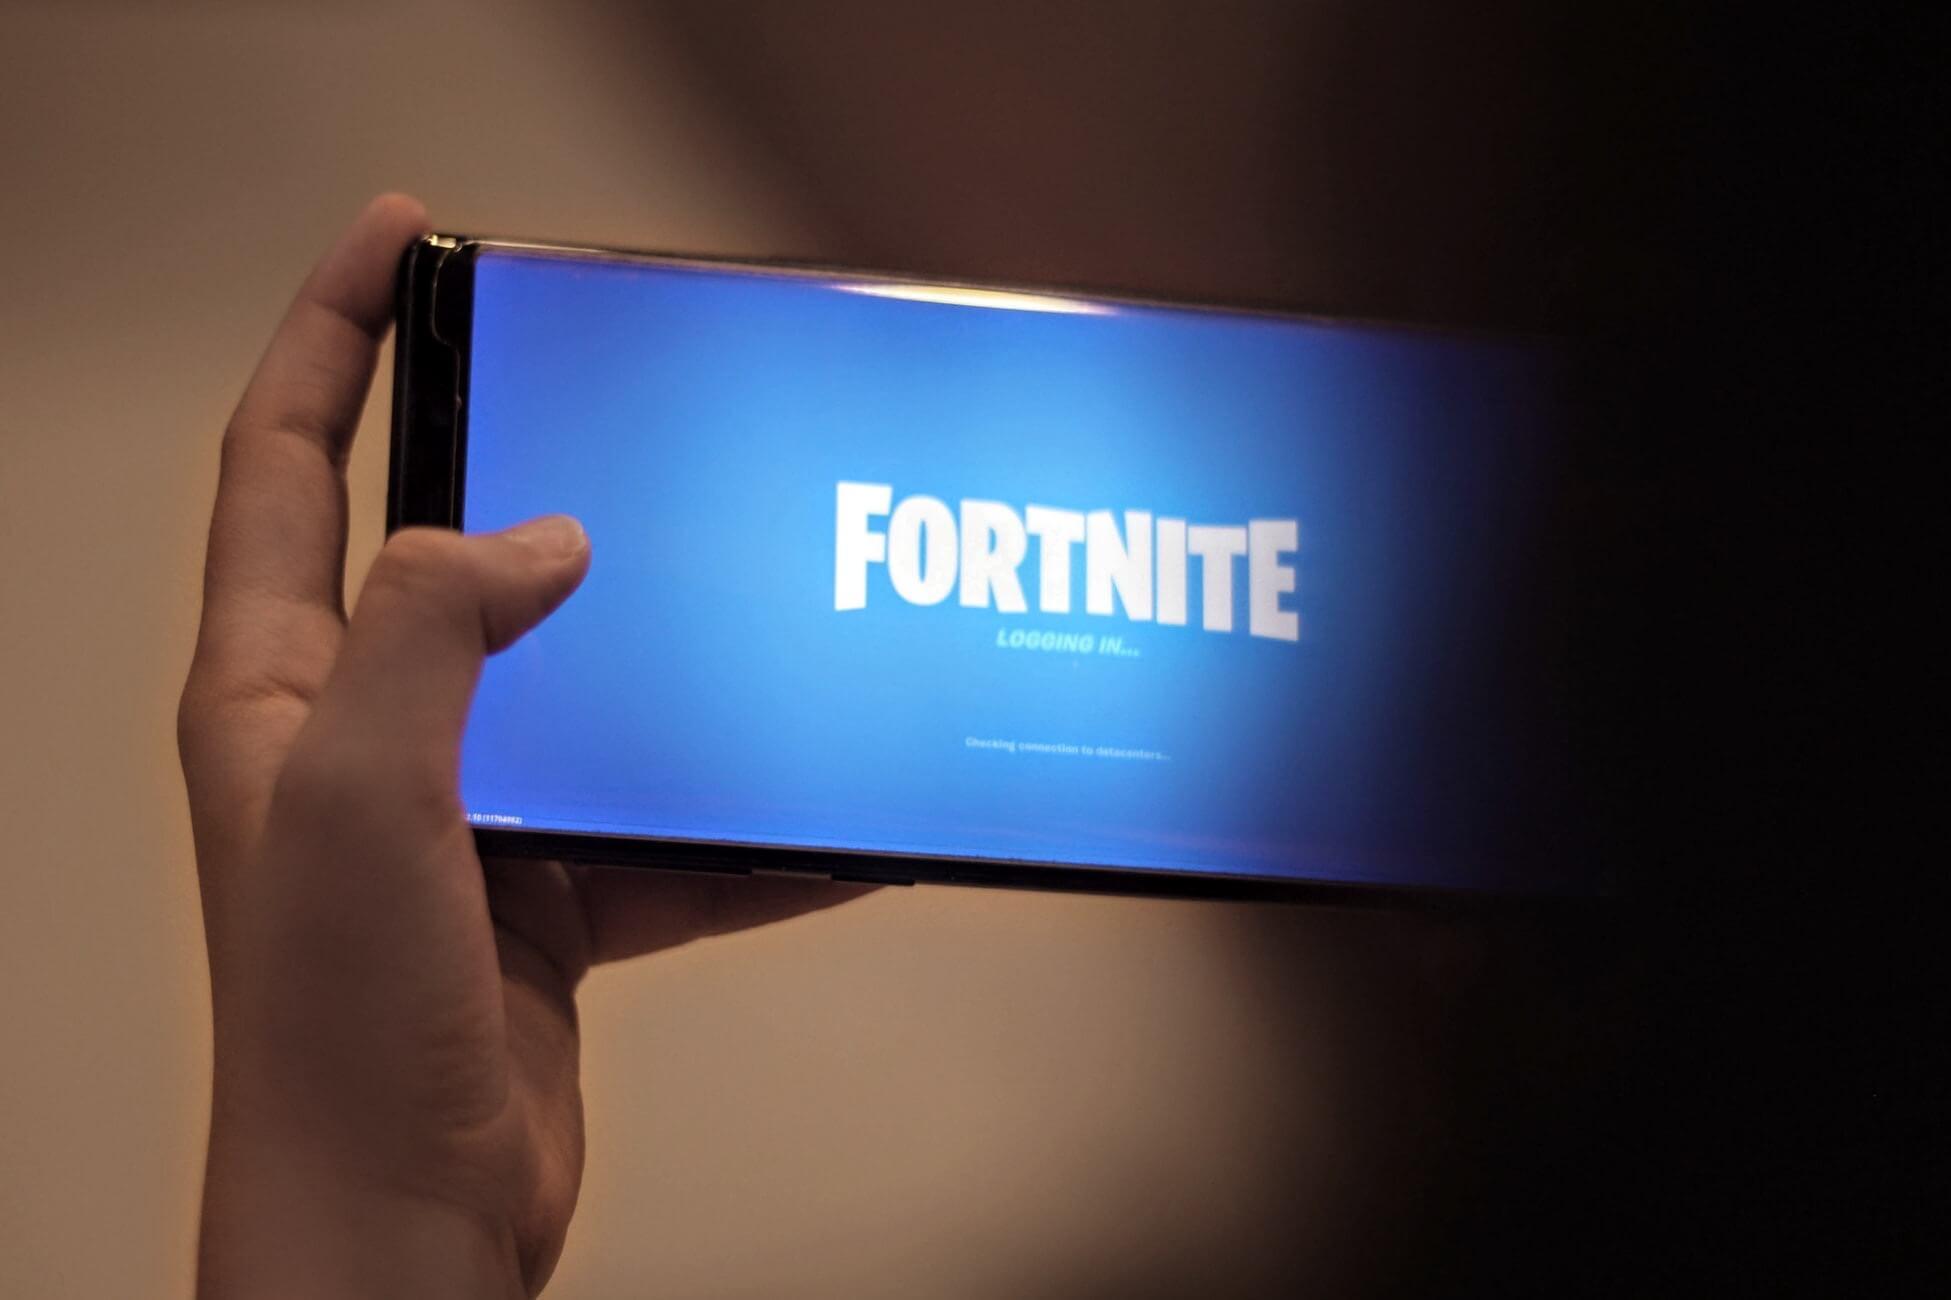 Fortnite-k-nnte-im-Oktober-aufs-iPhone-zur-ckkehren